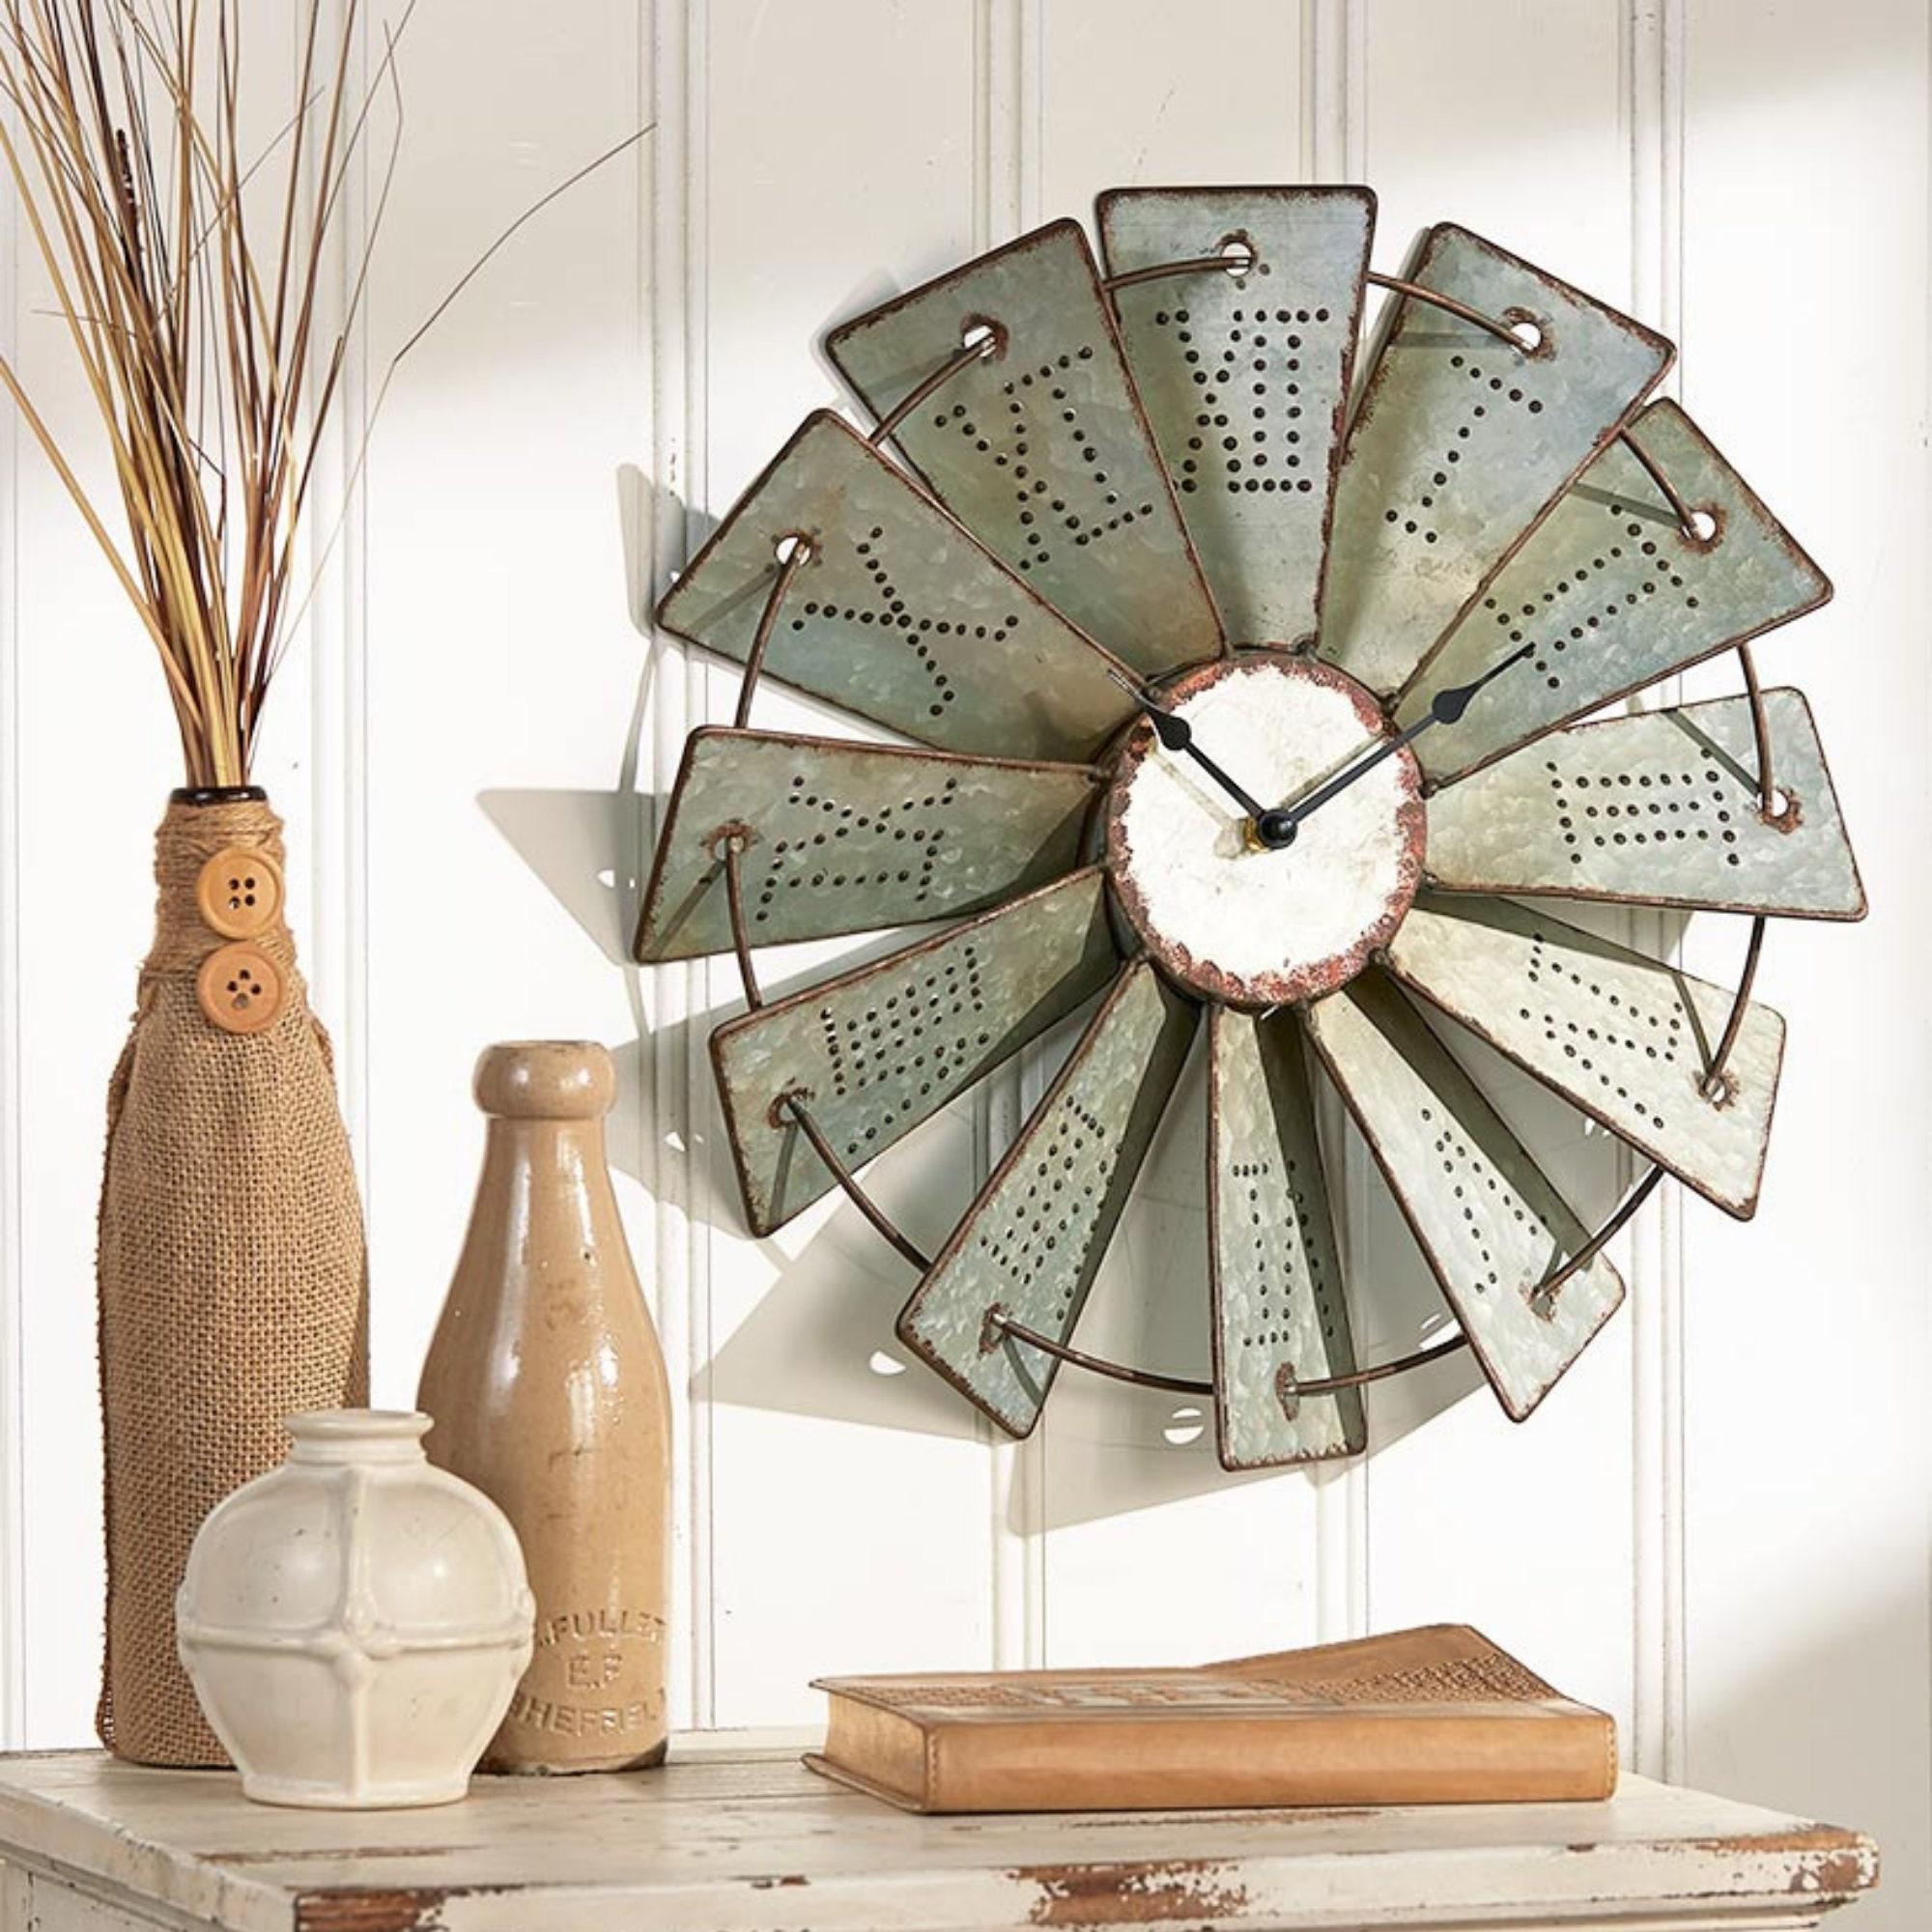 Windmill Wall Art Metal Windmill Wall Clock, Farmhouse Wall Decor